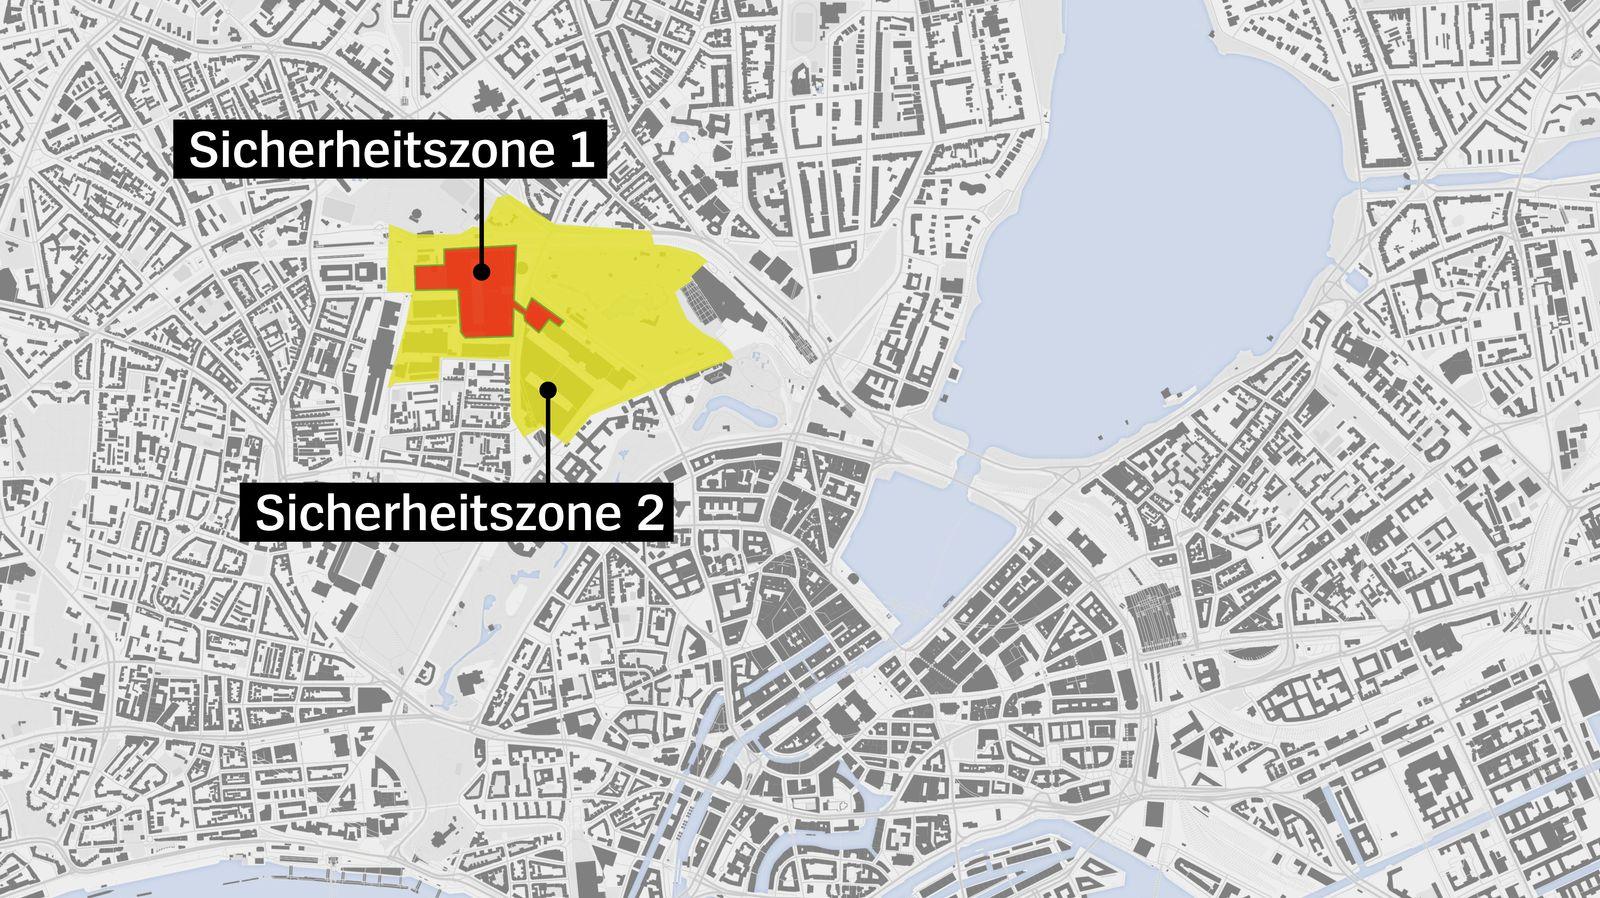 g20 Sicherheitszonen